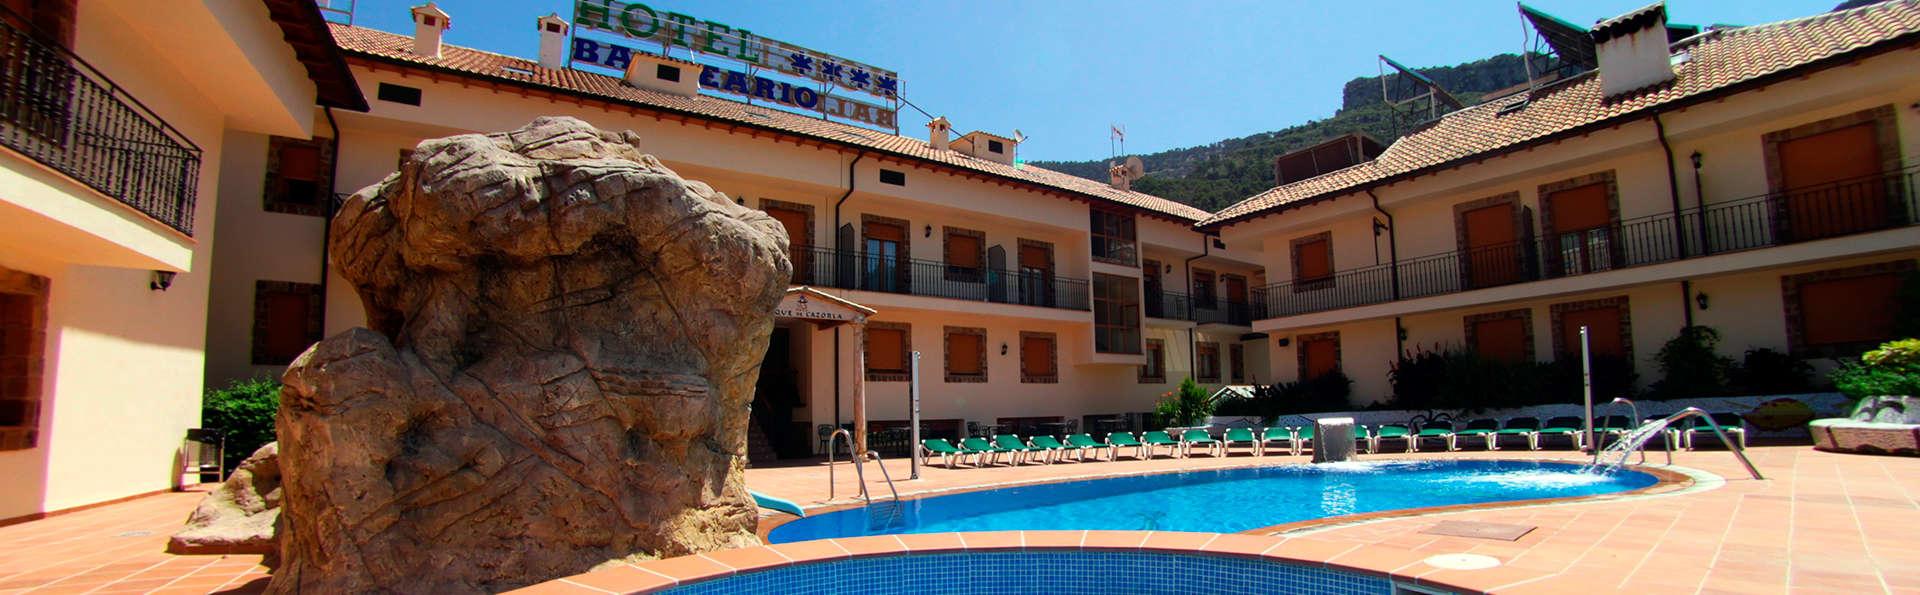 Descubre el Parque Natural de Cazorla en este Hotel Rural 4*